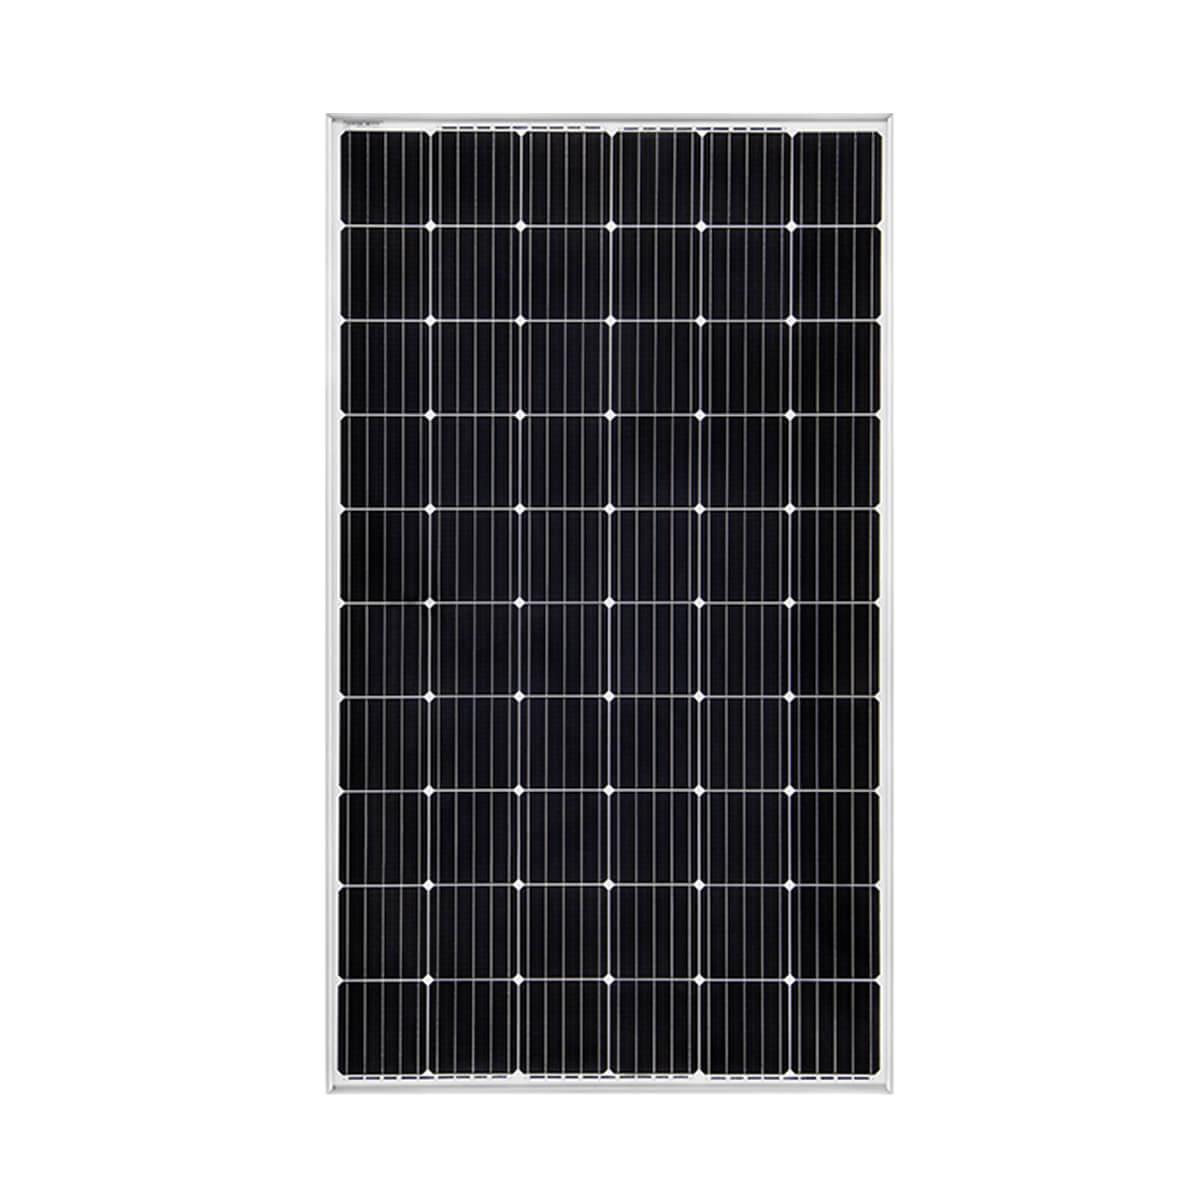 plurawatt 325W panel, plurawatt 325Watt panel, plurawatt 325 W panel, plurawatt 325 Watt panel, plurawatt 325 Watt monokristal panel, plurawatt 325 W watt gunes paneli, plurawatt 325 W watt monokristal gunes paneli, plurawatt 325 W Watt fotovoltaik monokristal solar panel, plurawatt 325W monokristal gunes enerjisi, plurawatt dc-l60-325W panel, PLURAWATT 325 WATT